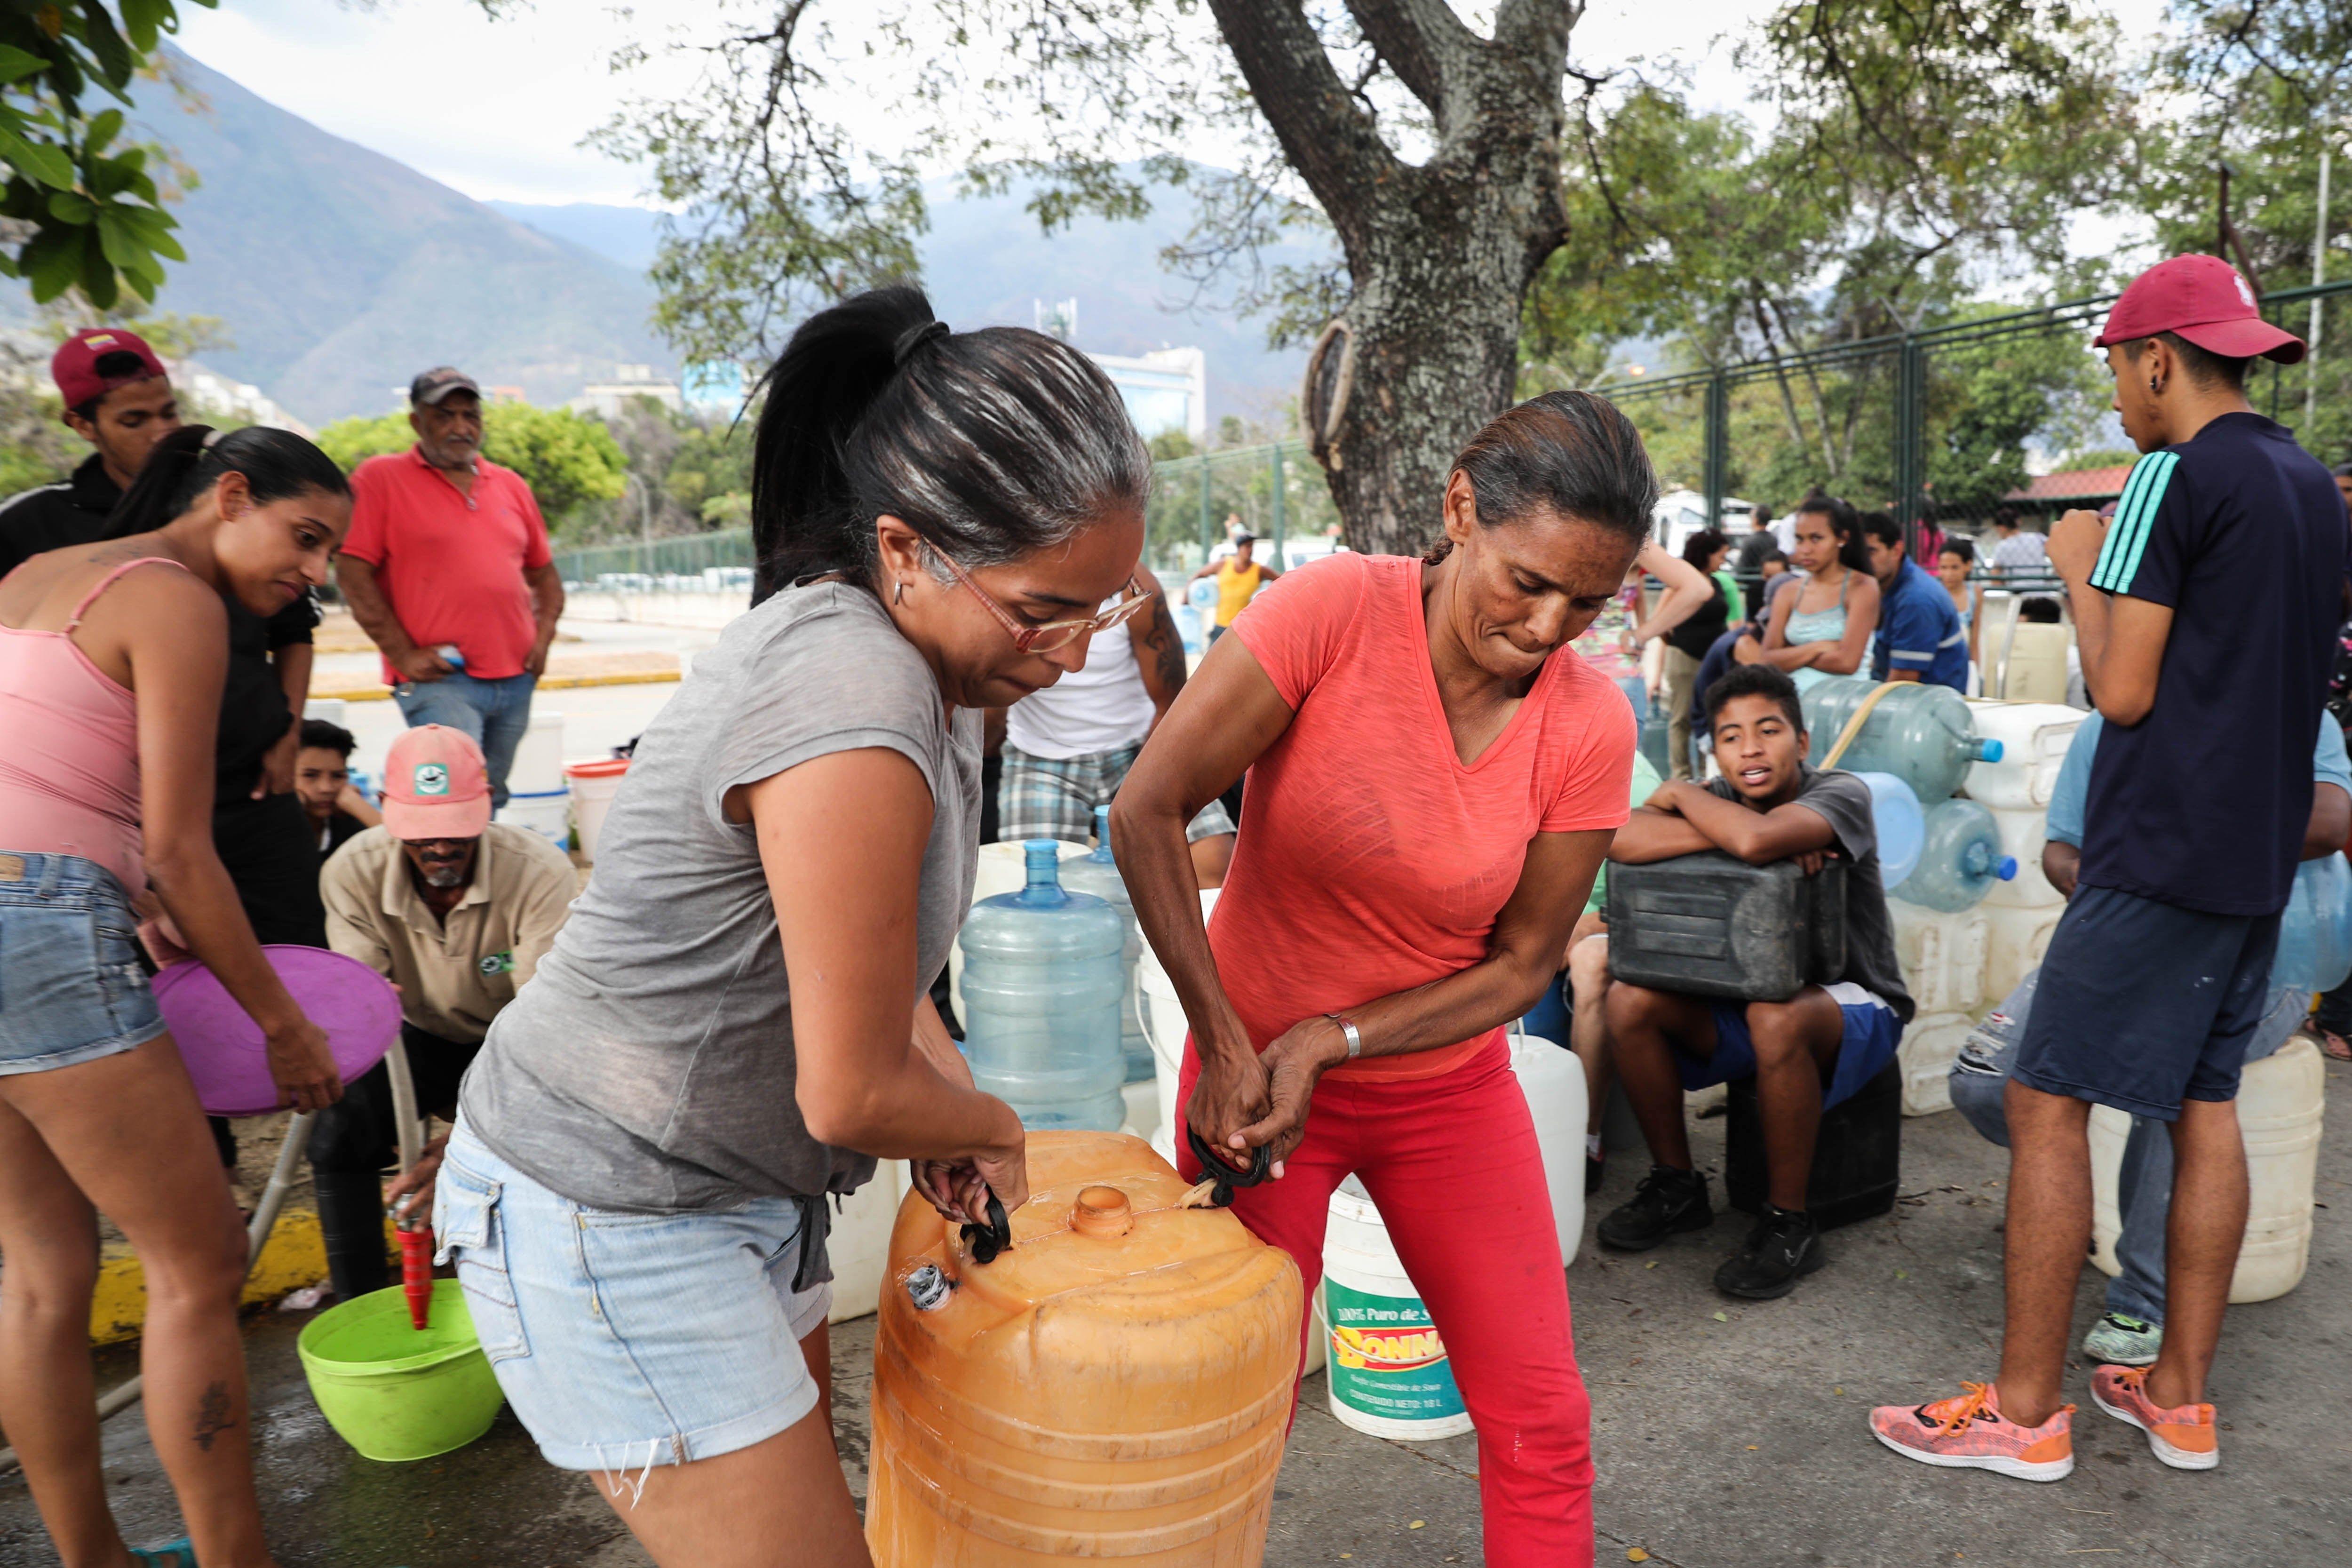 Cientos de personas acuden este martes al Parque del Este en Caracas (Venezuela), para recolectar agua para la escasez de este líquido ocasionada por los apagones que han azotado a toda Venezuela desde el pasado jueves.